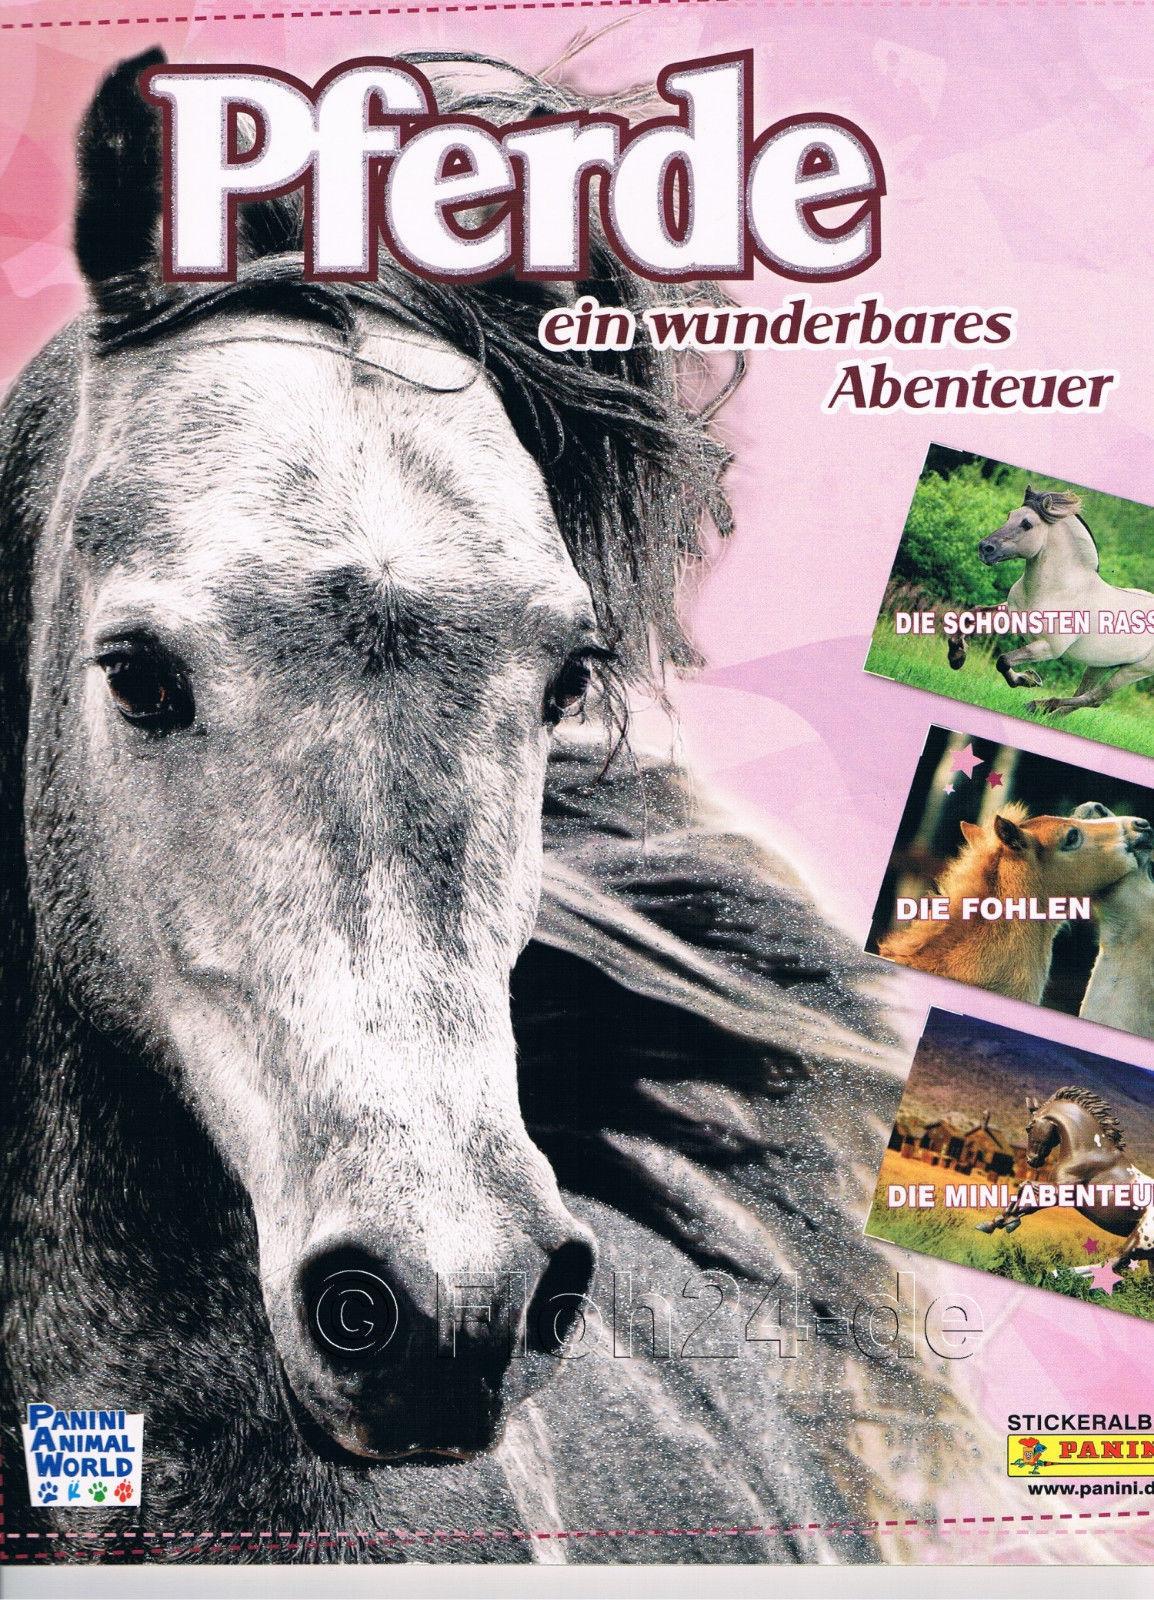 Bettwäsche pferdemotive : 28 dinge die du nur kennst wenn du ein pferdeverrücktes mädchen